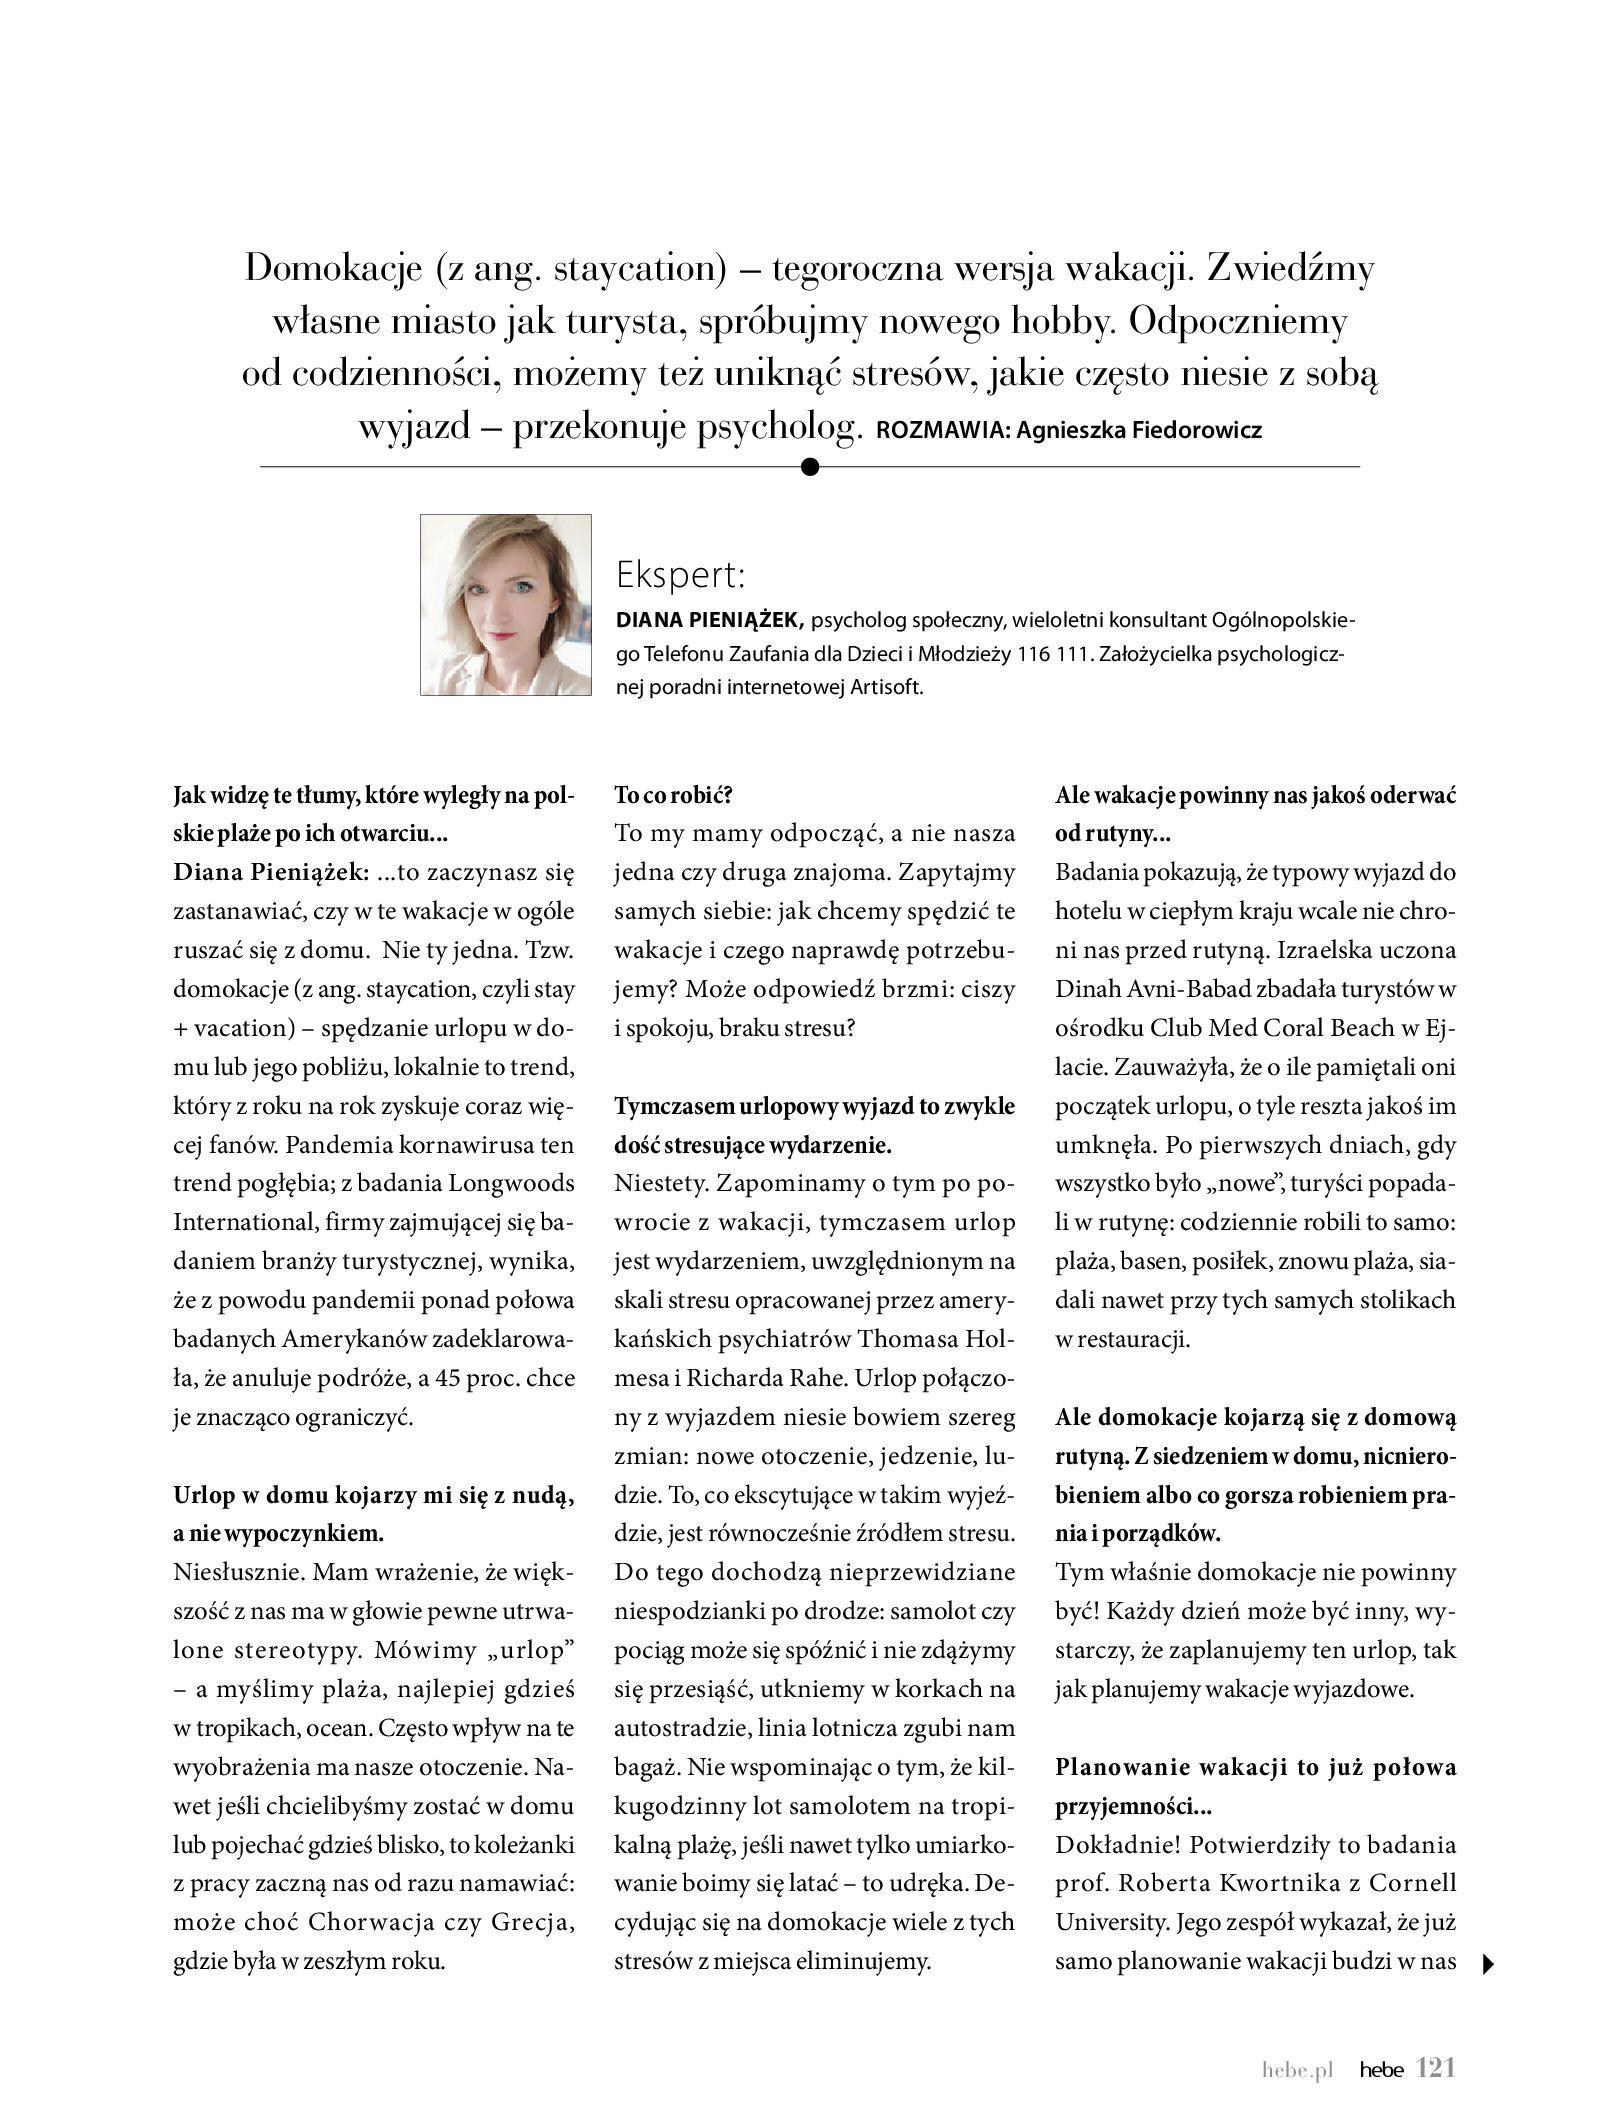 Gazetka hebe - Magazyn Hebe-30.06.2020-31.08.2020-page-121